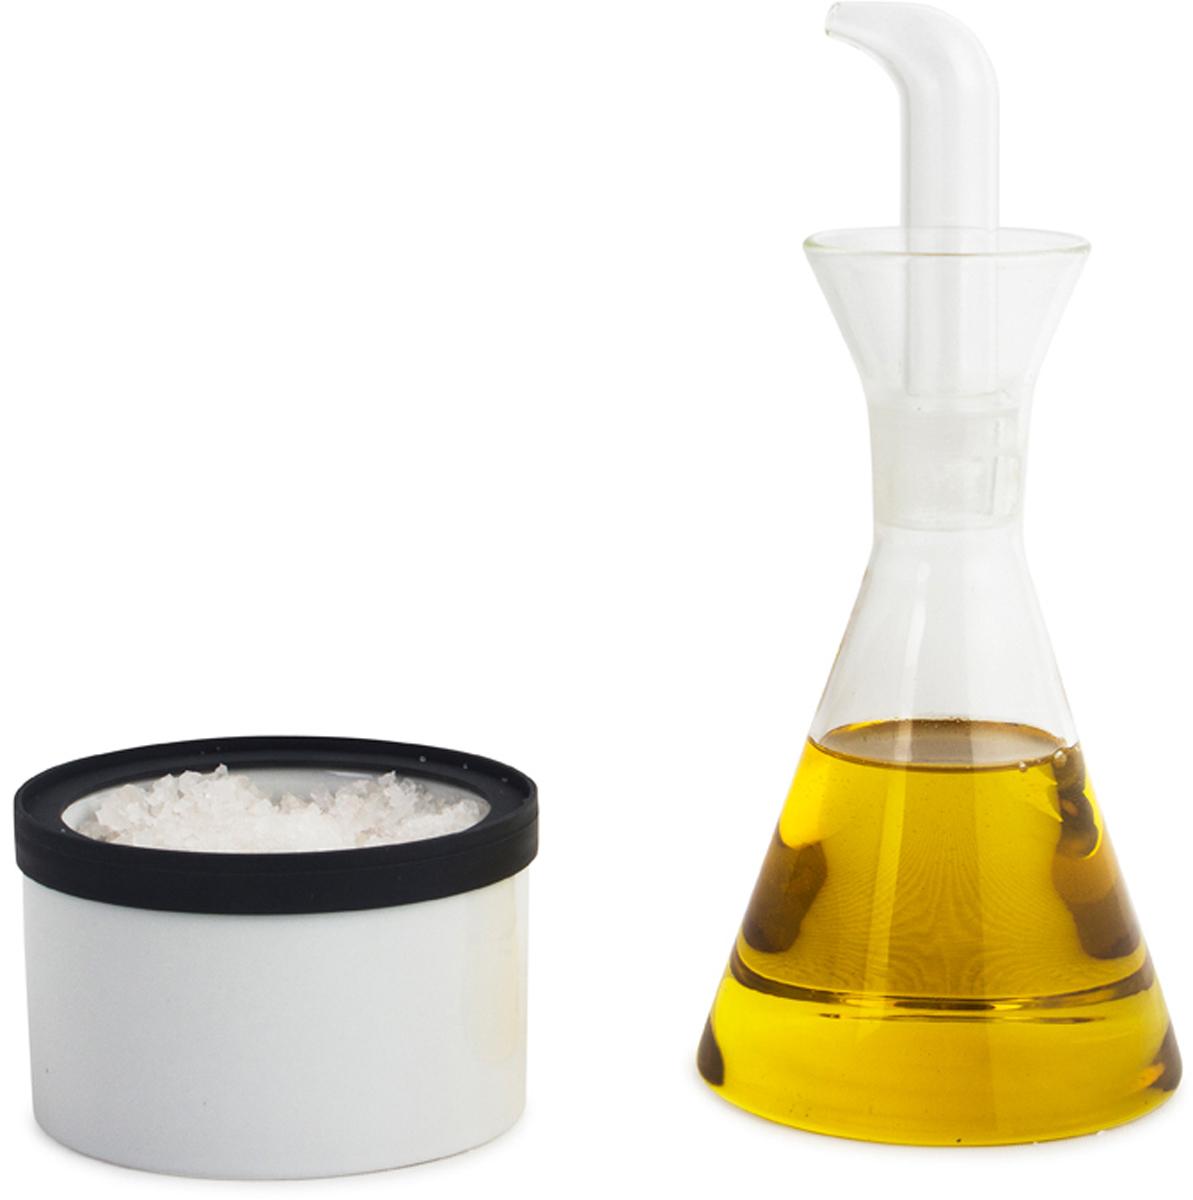 Набор для специй Balvi Combo, цвет: прозрачныйSC-FD421004Оценить по достоинству уникальный набор для кухни Combo, состоящий из солонки и уксусницы, предлагают испанские производители необычных и креативных вещей для повседневного пользования. Оригинальный дизайн аксессуаров выполнен в виде посуды для химического смешивания. Этот набор станет отличным подарком для всех, кто ценит оригинальный подход к оформлению своей кухни. Уксусница изготовлена из стекла в виде колбы со специальным дозатором. Солонка представляет собой керамическую емкость в виде баночки для хранения реагентов. -Оригинальный дизайн аксессуаров в виде химической посуды-Уксусница сделана из прочного стекла и имеет удобный дозатор-Солонка изготовлена из качественной керамики и подойдет для любого вида соли